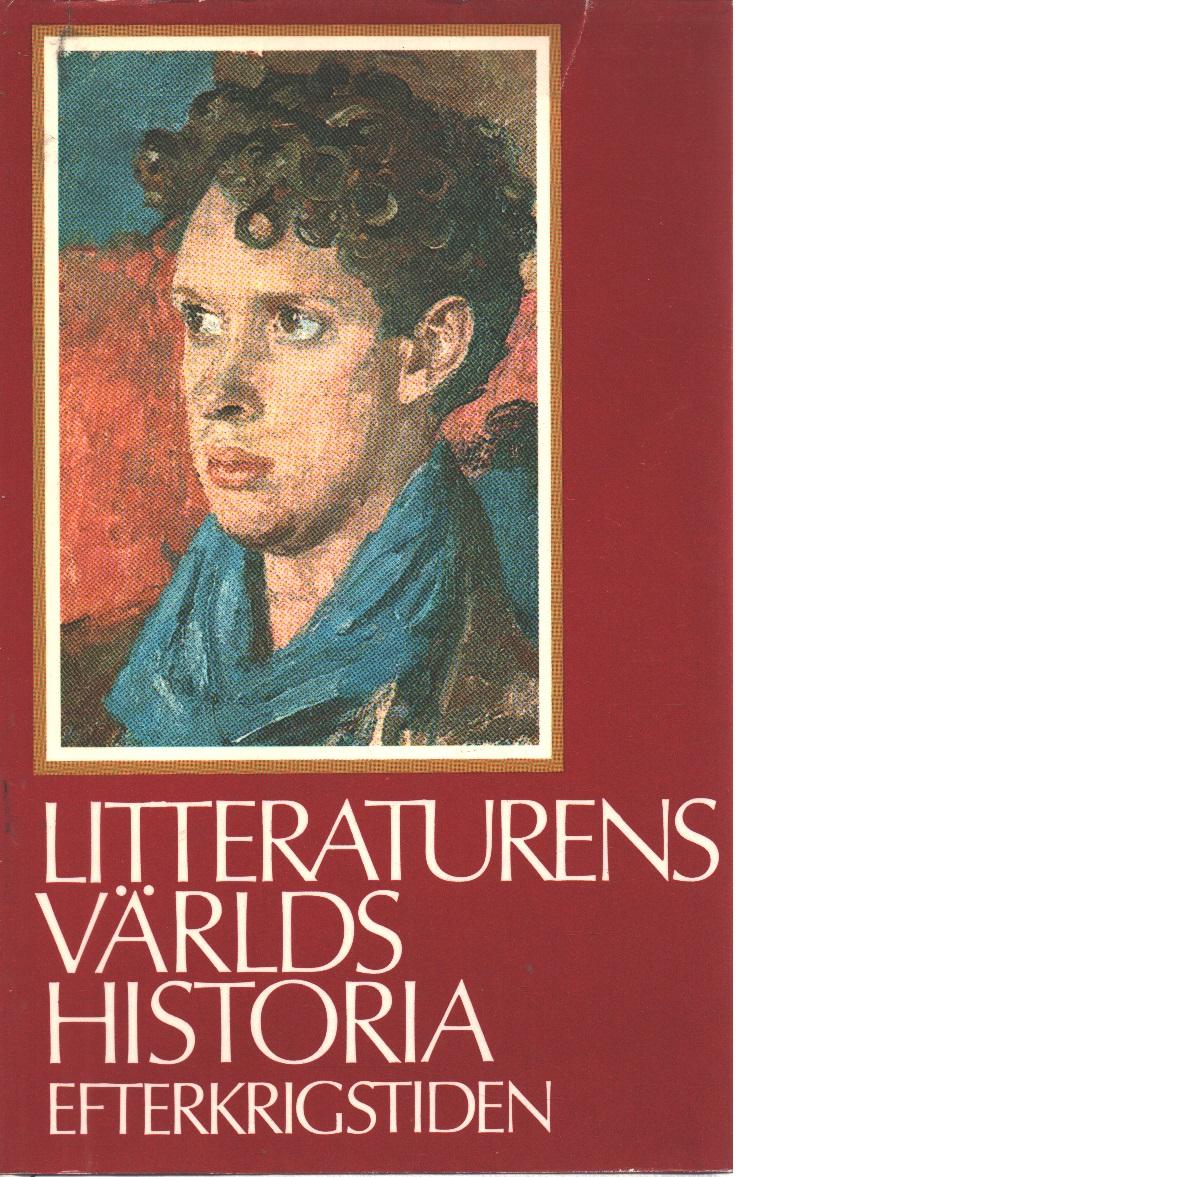 Litteraturens världshistoria [Bd 12] Efterkrigstiden - Red.